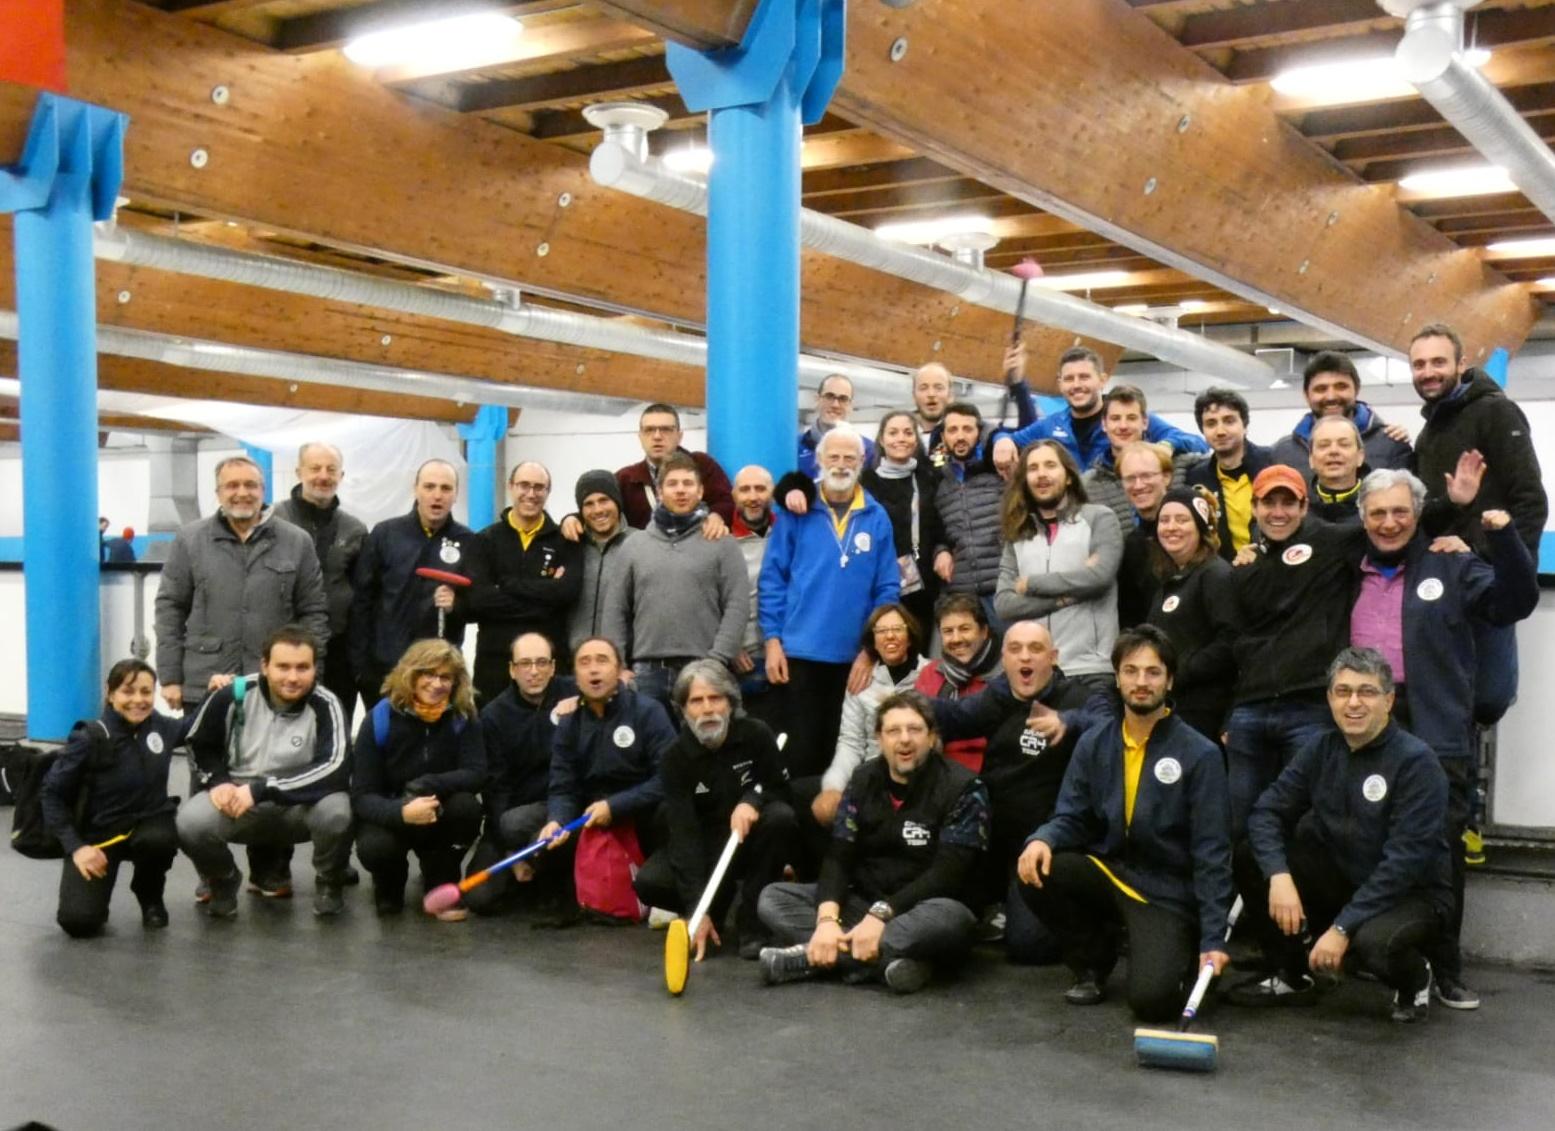 Torneo Internazionale Jass Curling Club 2018, Sesto San Giovanni 8 e 9 dicembre 2018